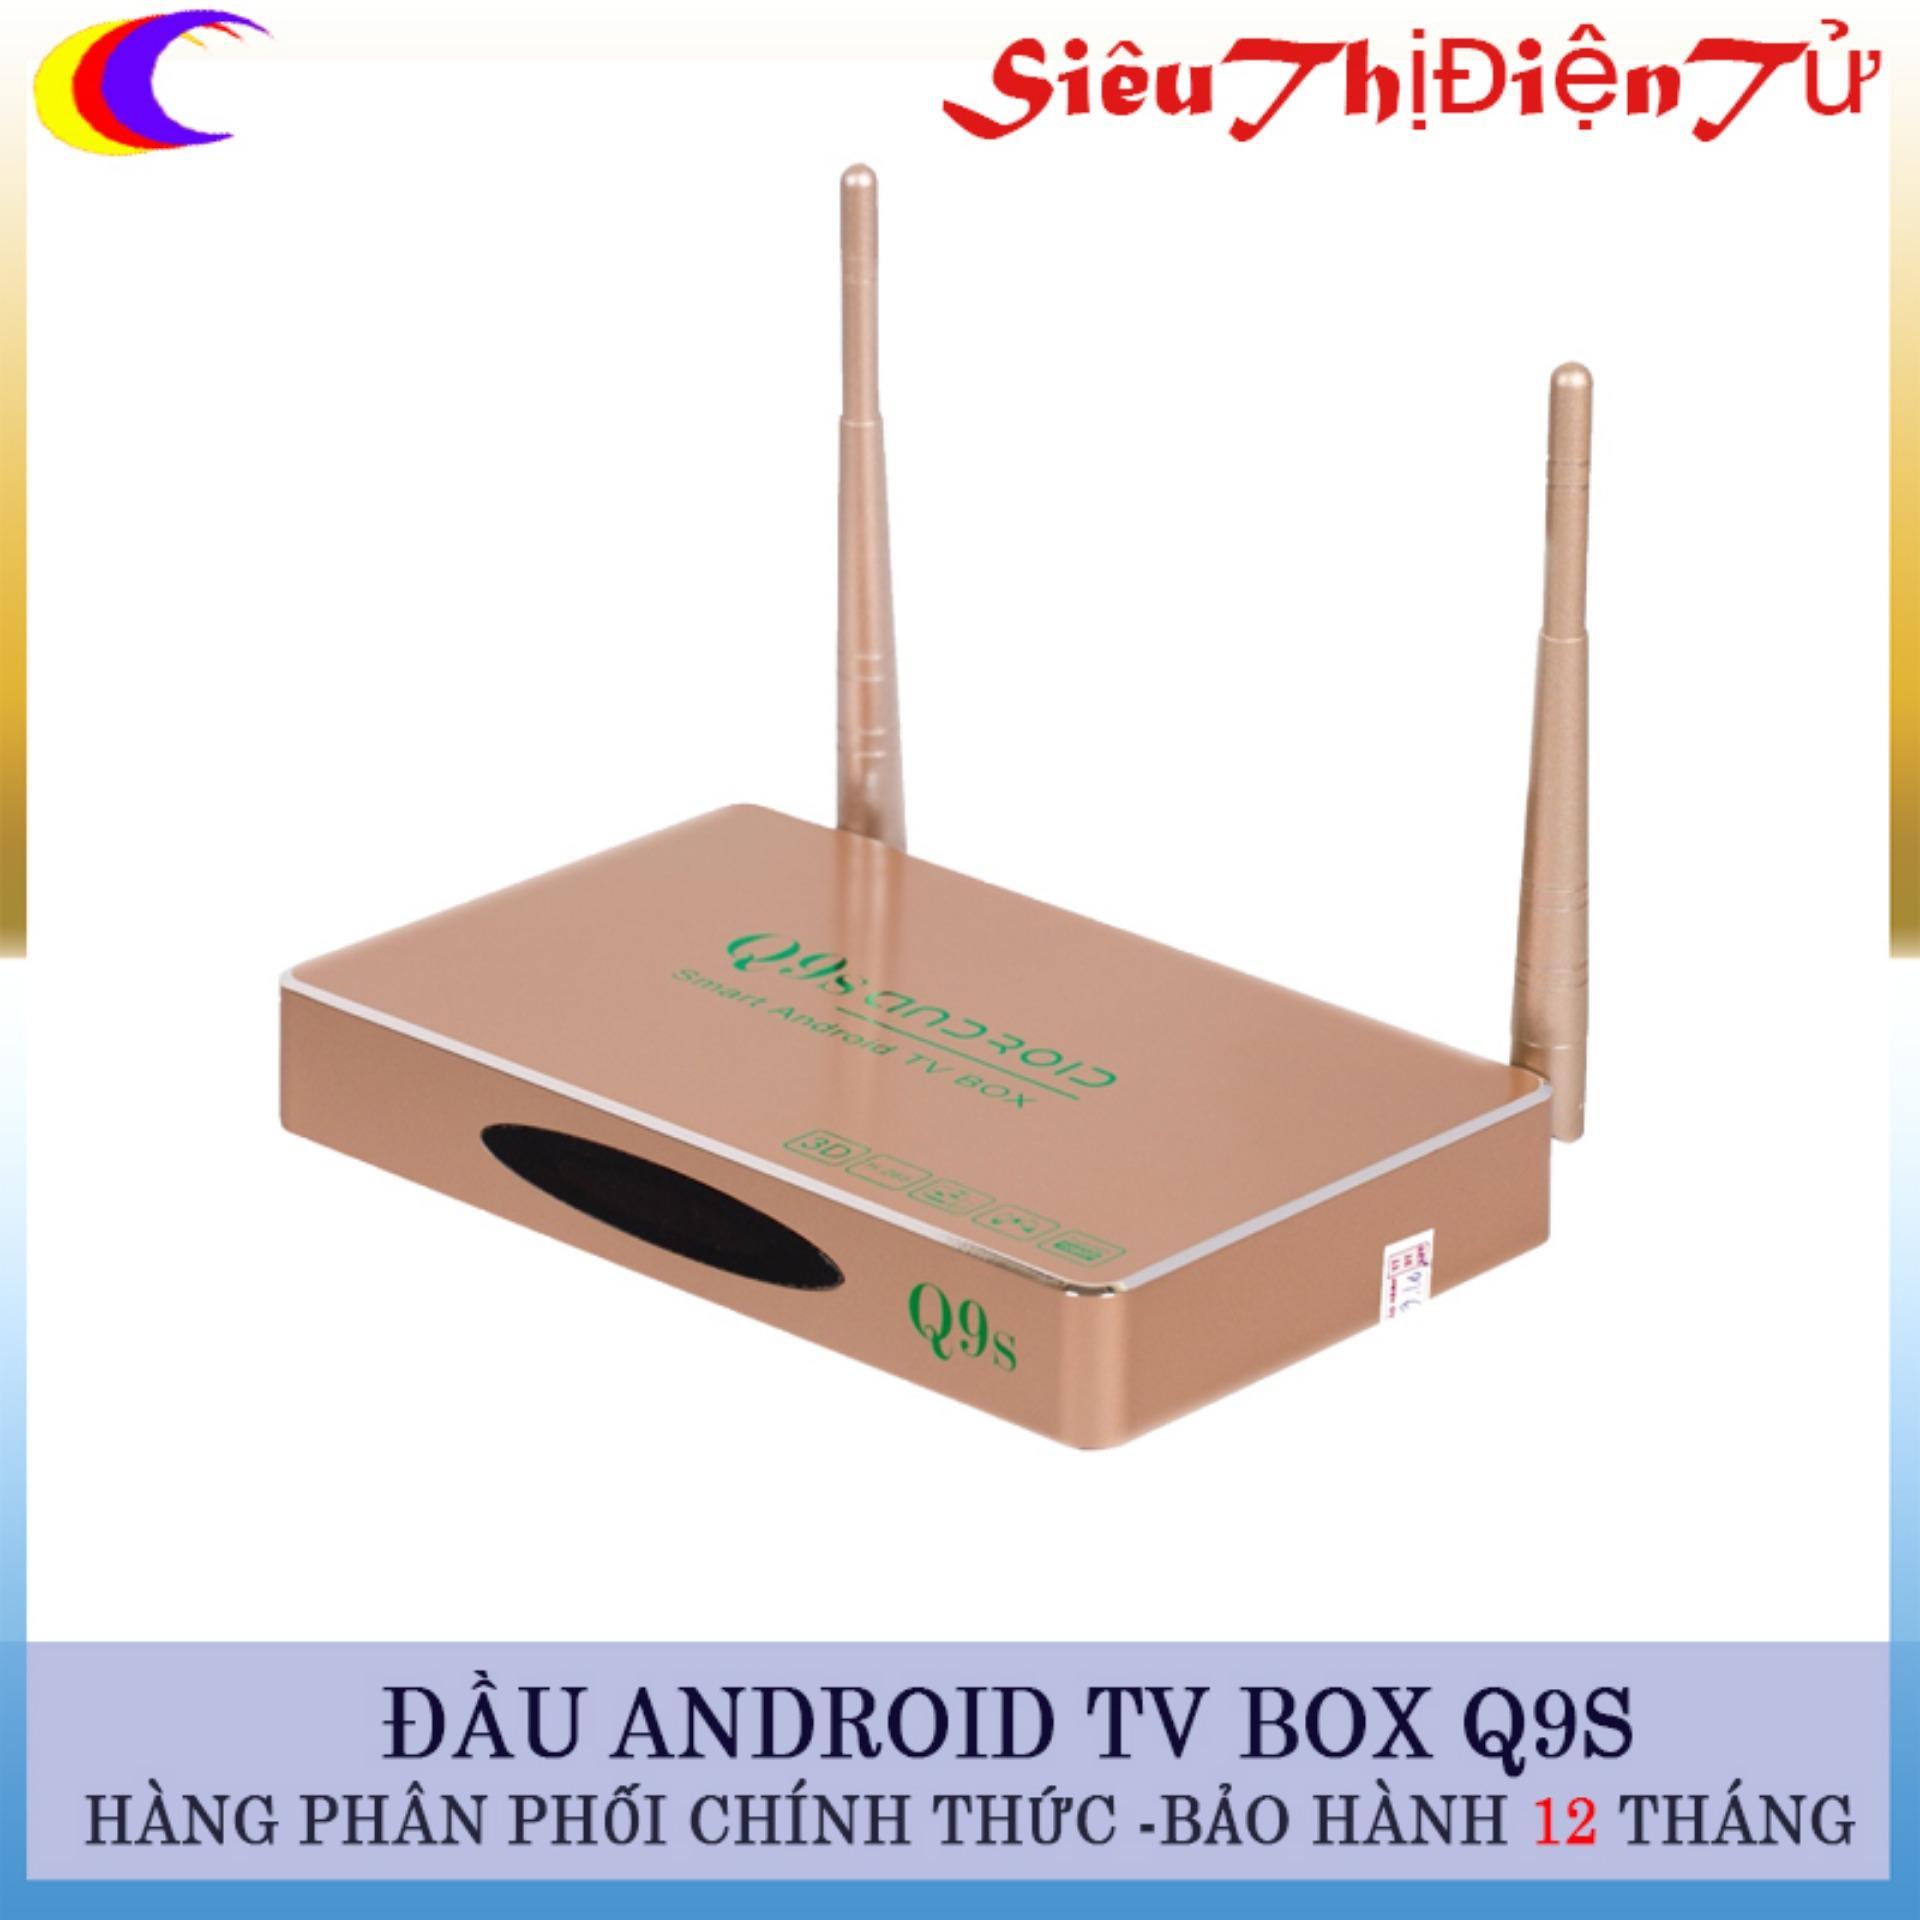 Hình ảnh ĐẦU THU ANDROI TV BOX Q9S loại 1